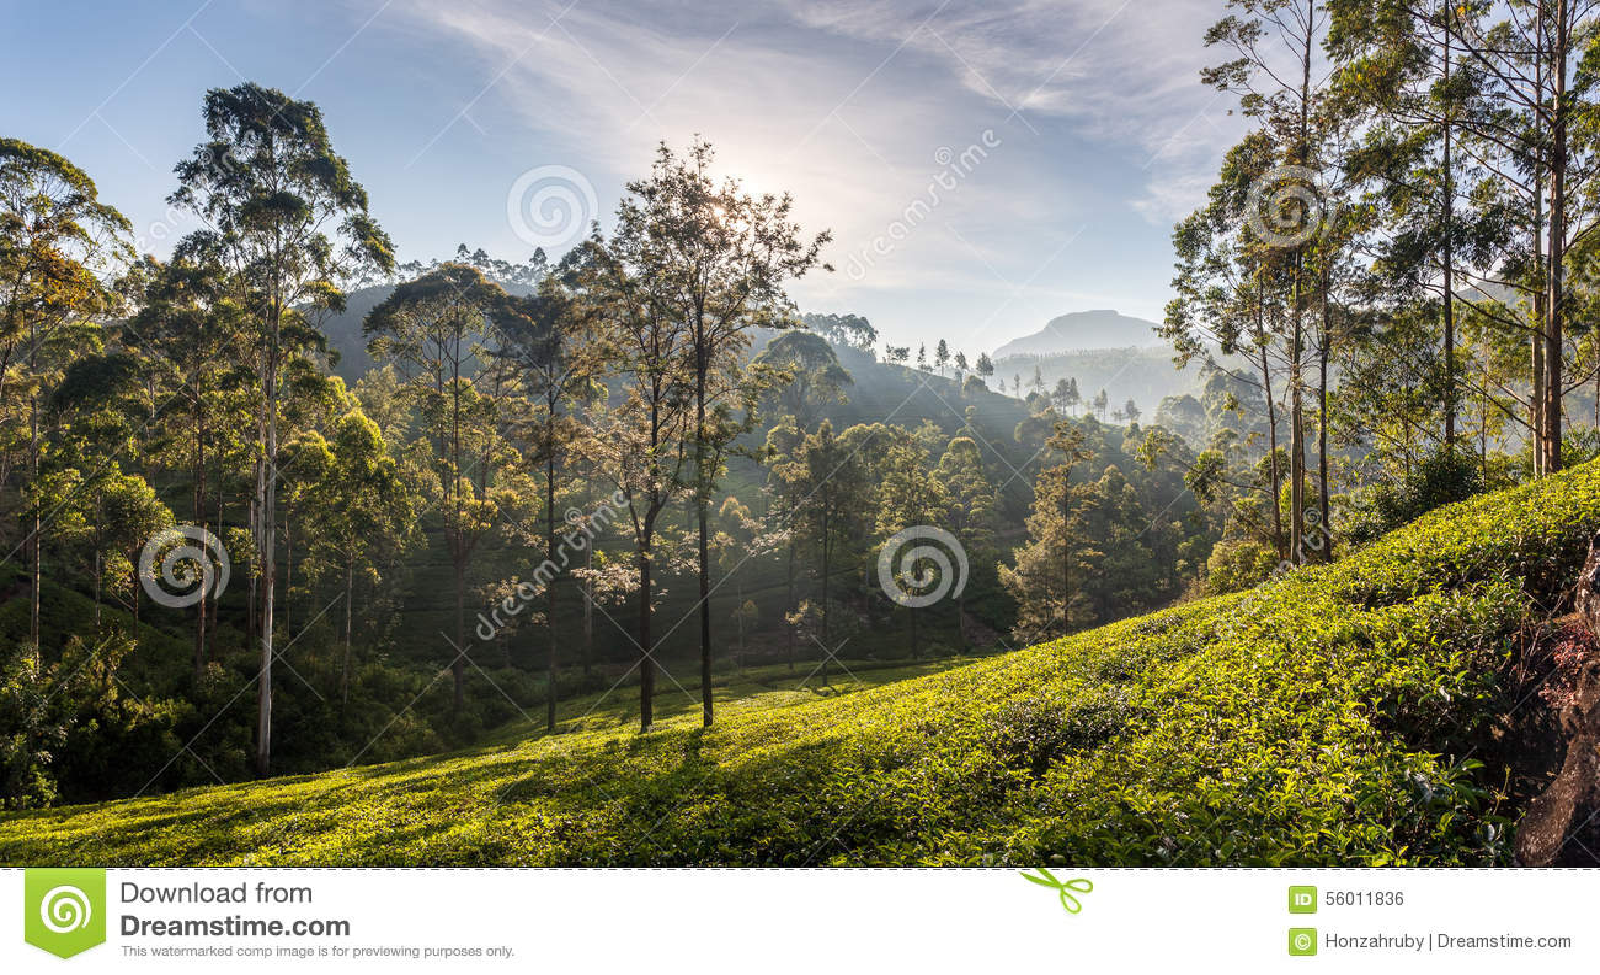 Belle vue panoramique d une plantation de thé typique, Sri Lanka